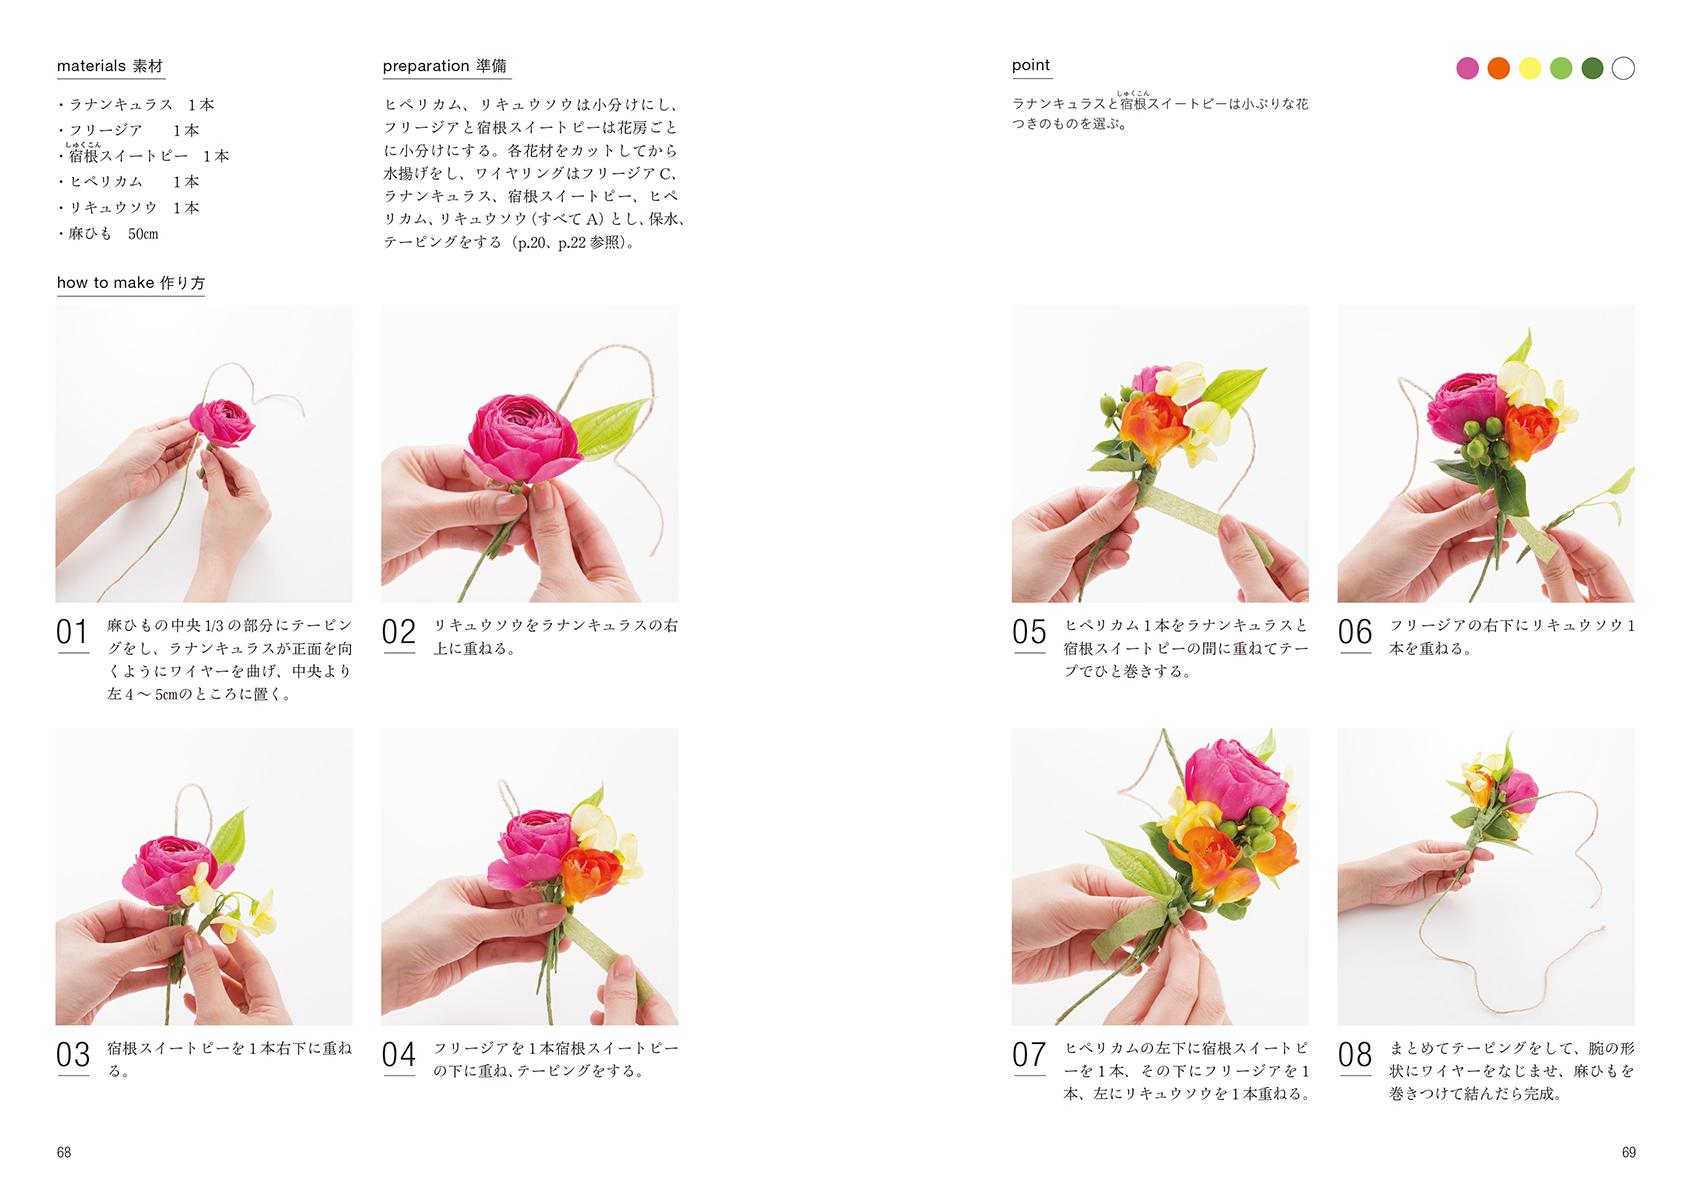 [書籍]『小さな花飾りの本』 - 画像5